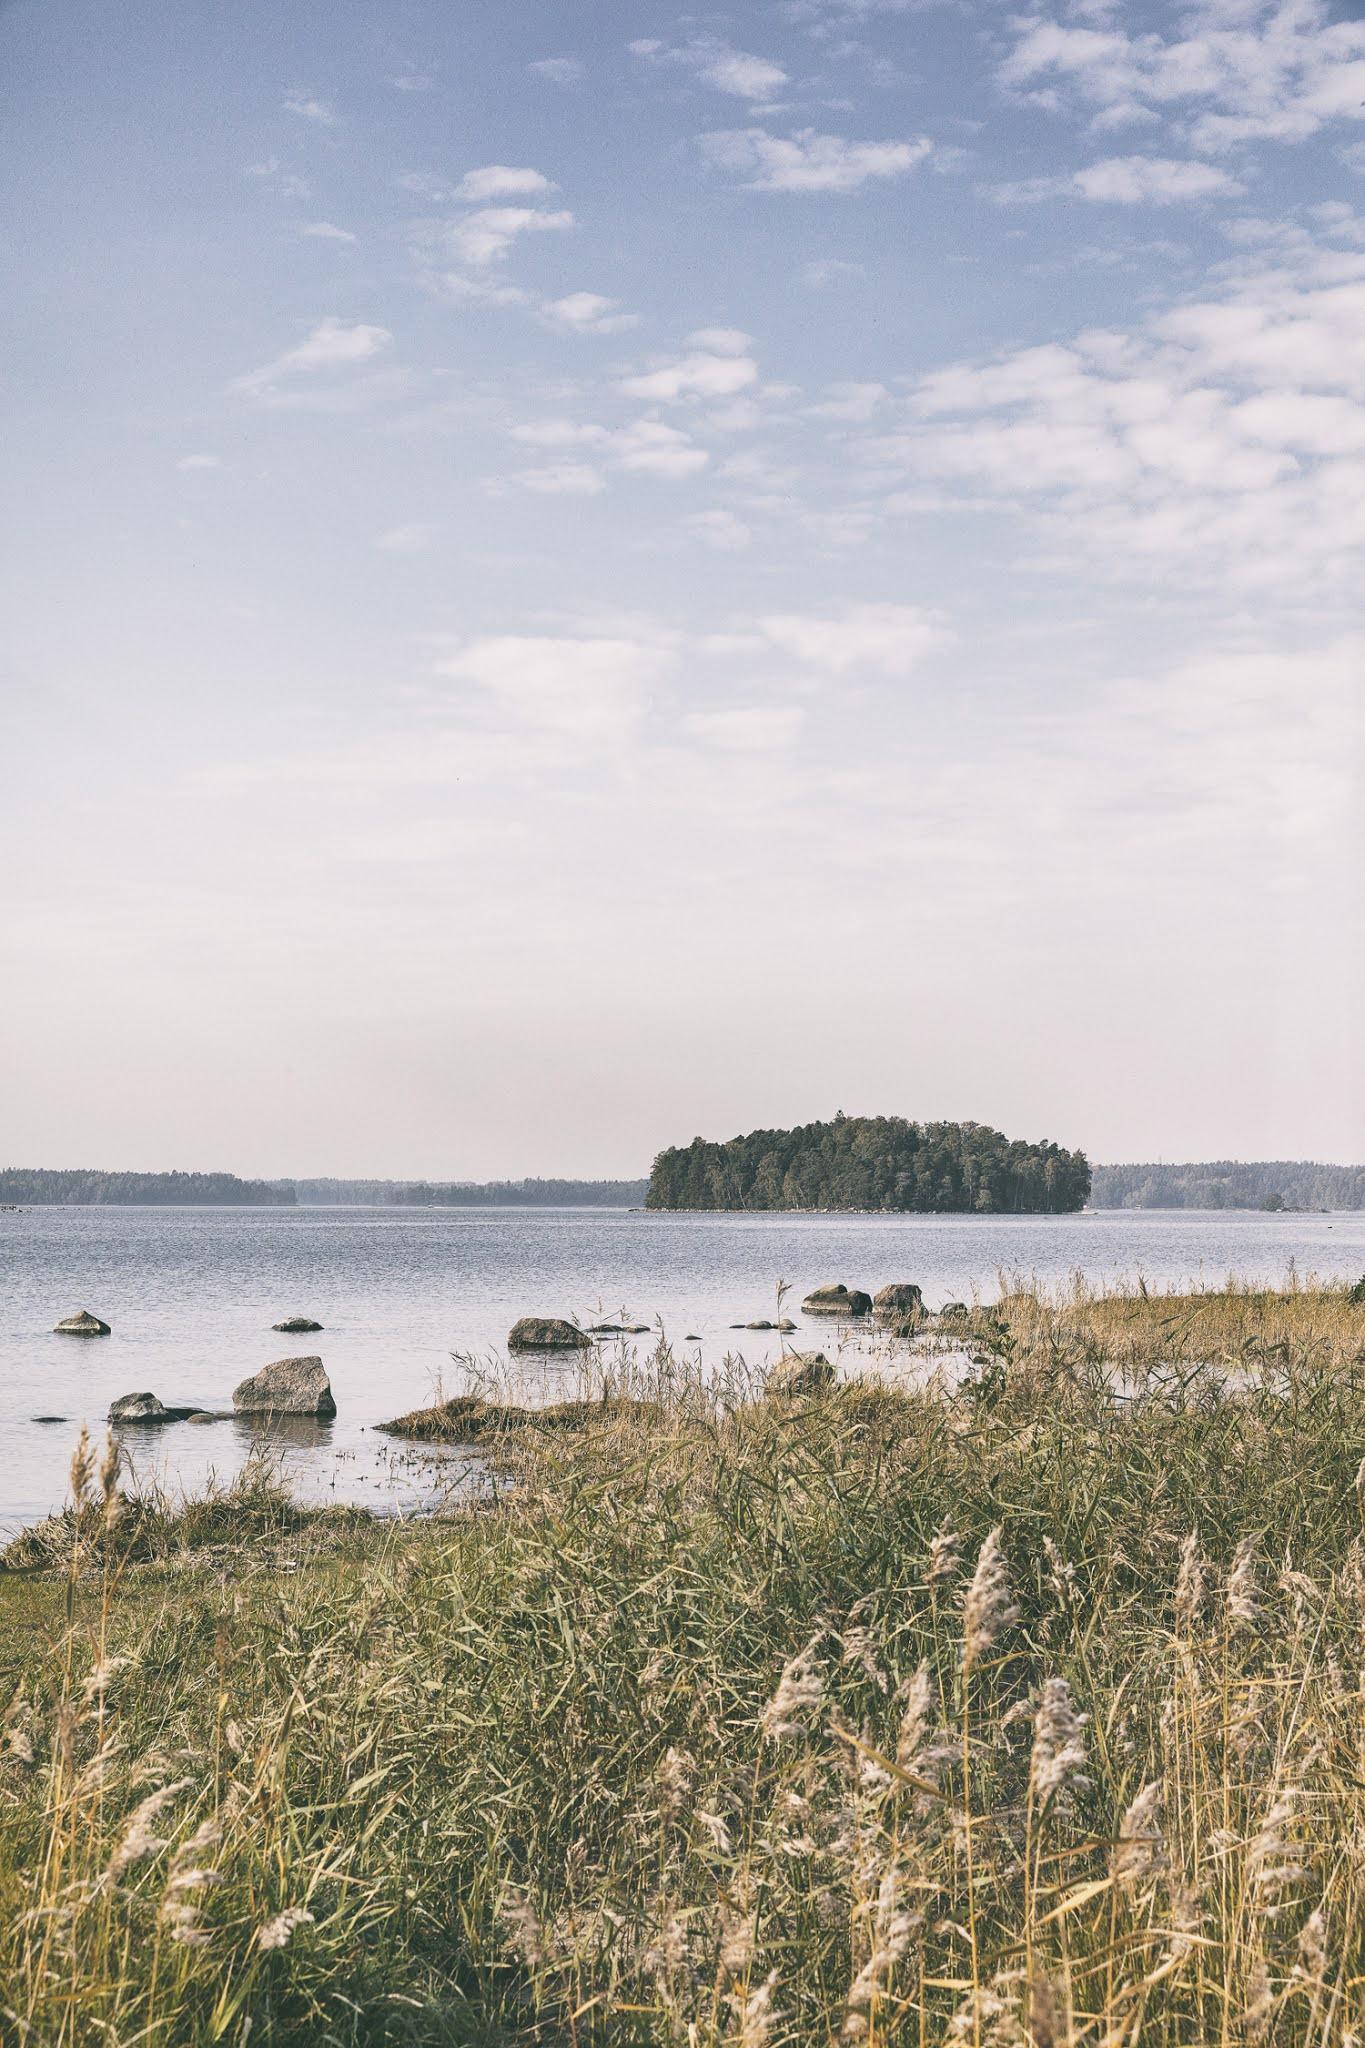 Helsinki, visithelsinki, Kallahdenniemi, merenranta, sea, ocean,Kallahti, Vuosaari, Suomi, Finland, visitfinland, valokuvaaja, luonto, luontokuva, valokuvaaminen, naturephotography, Frida steiner, Visualaddict, matkablogi, visualaddictfrida